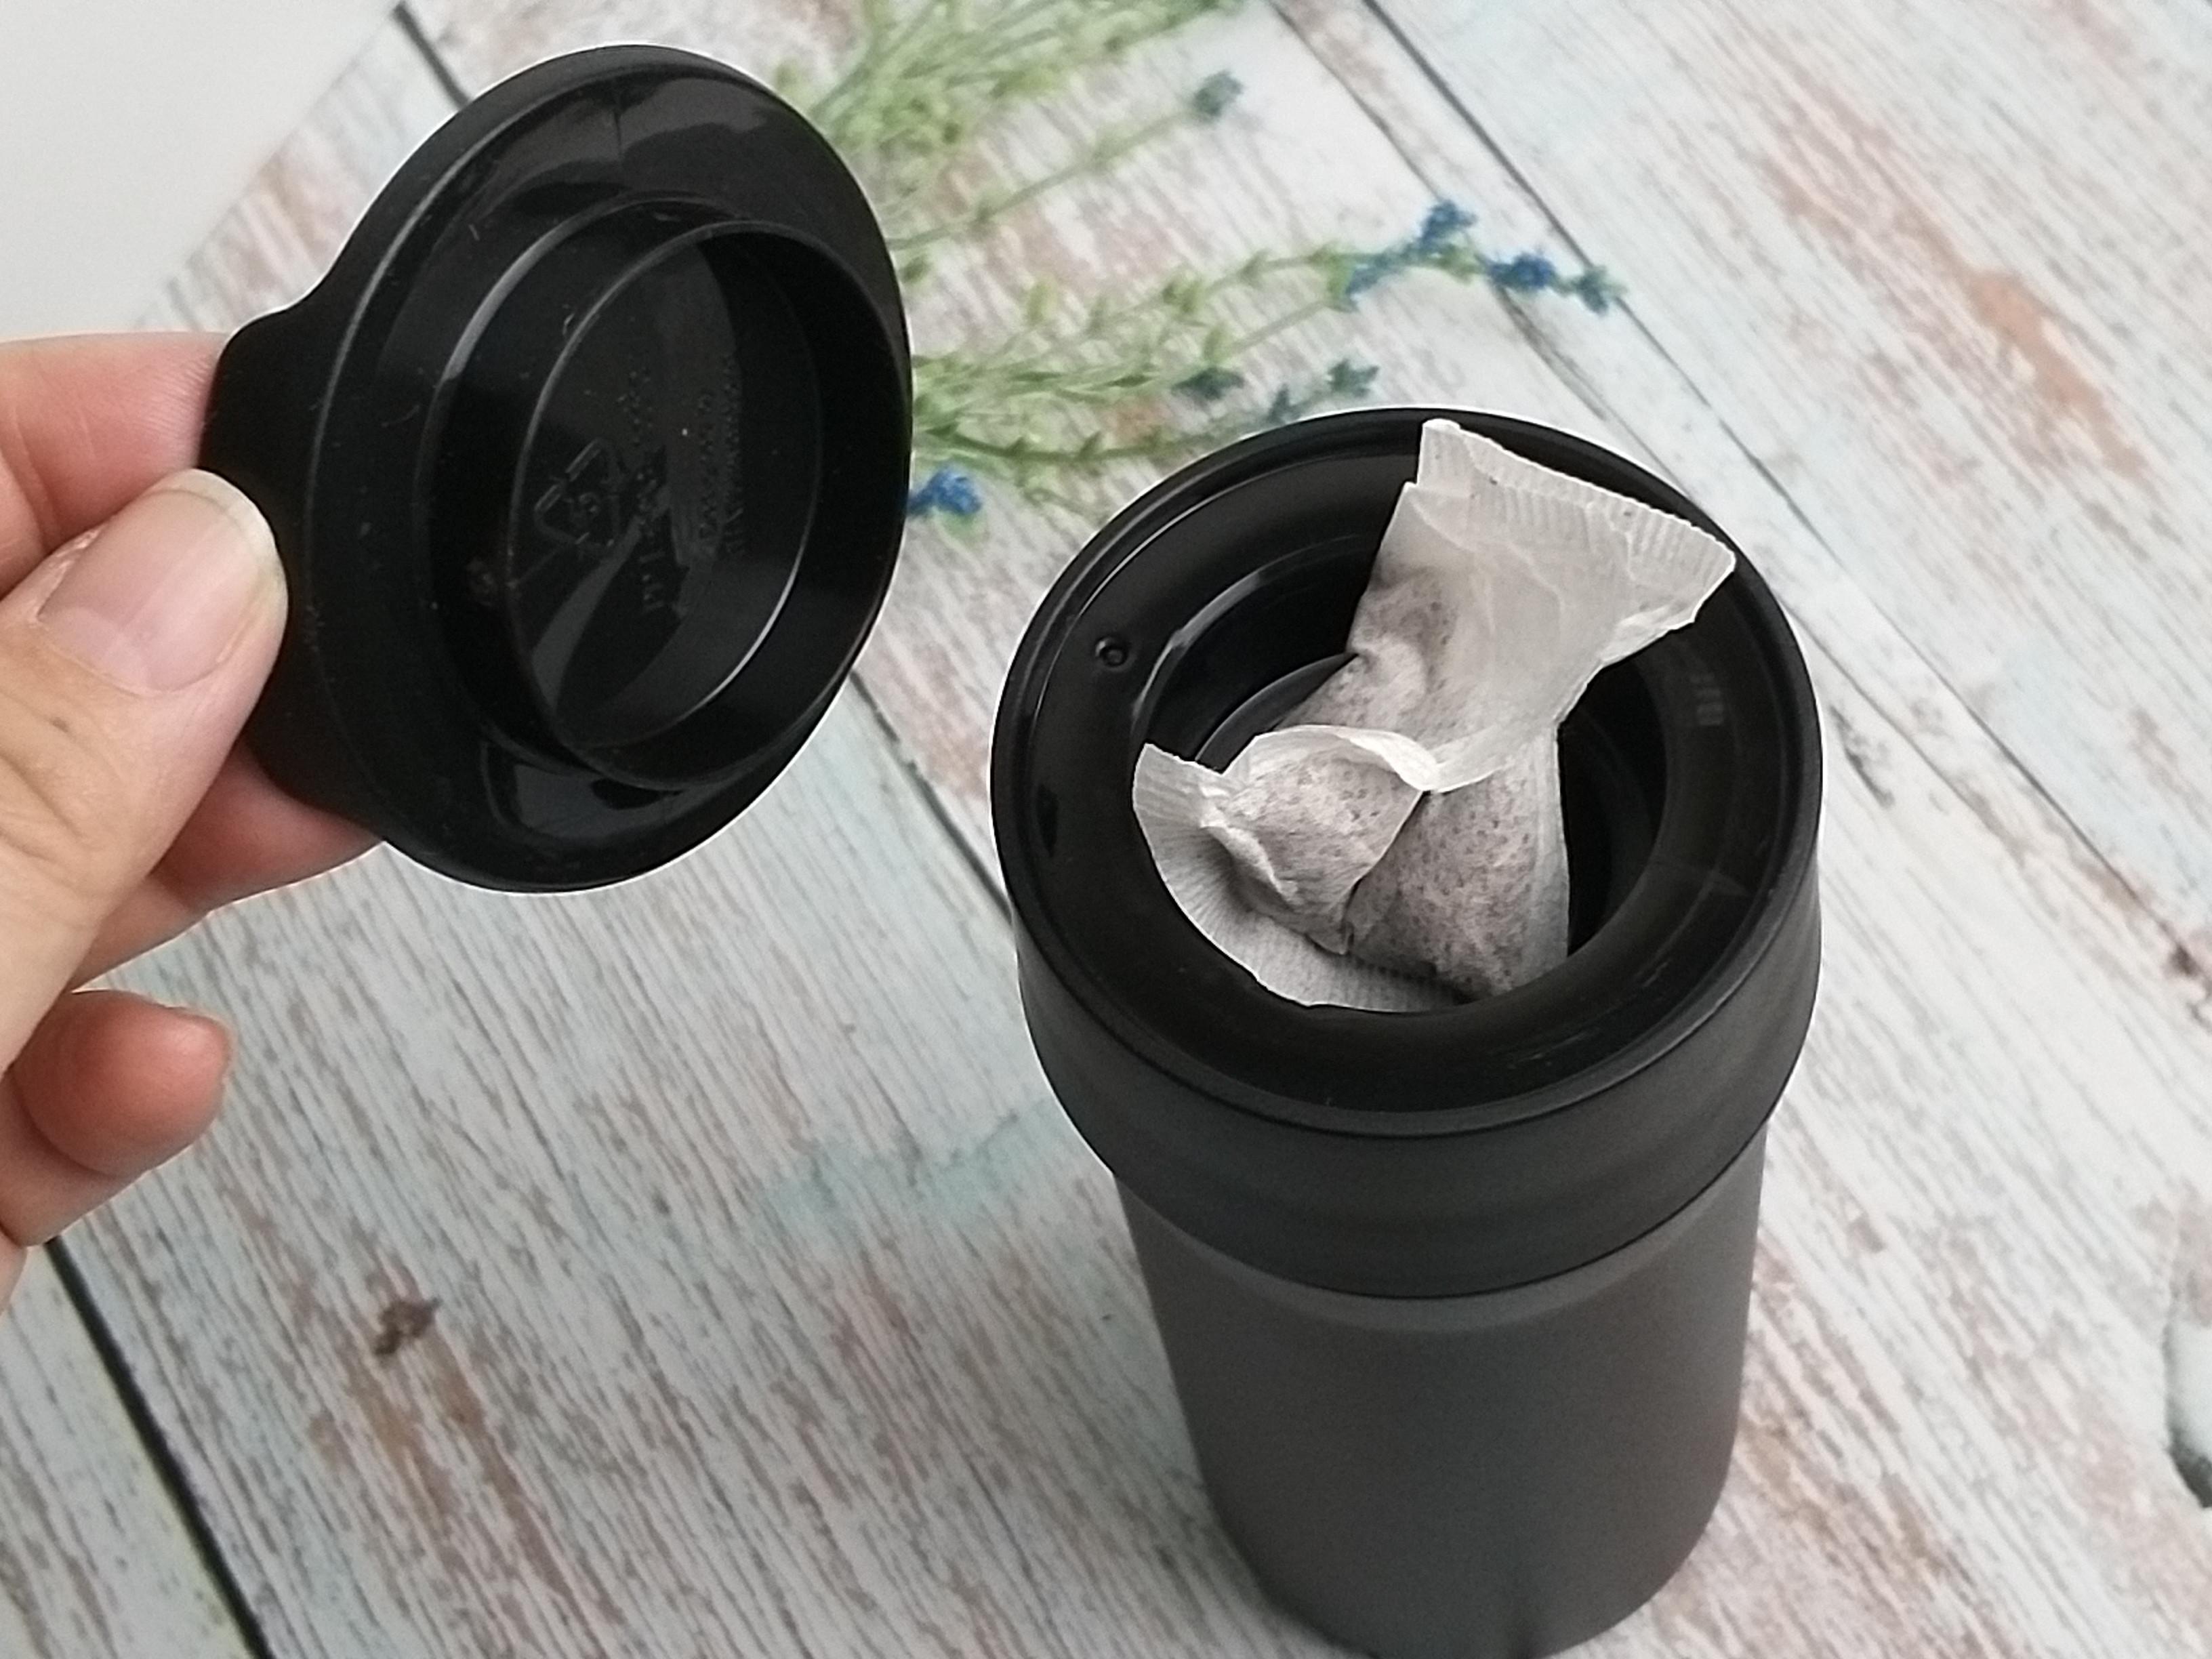 奇享杯體驗活動~時尚輕巧便利的保溫杯奇享杯的第 2 張圖片